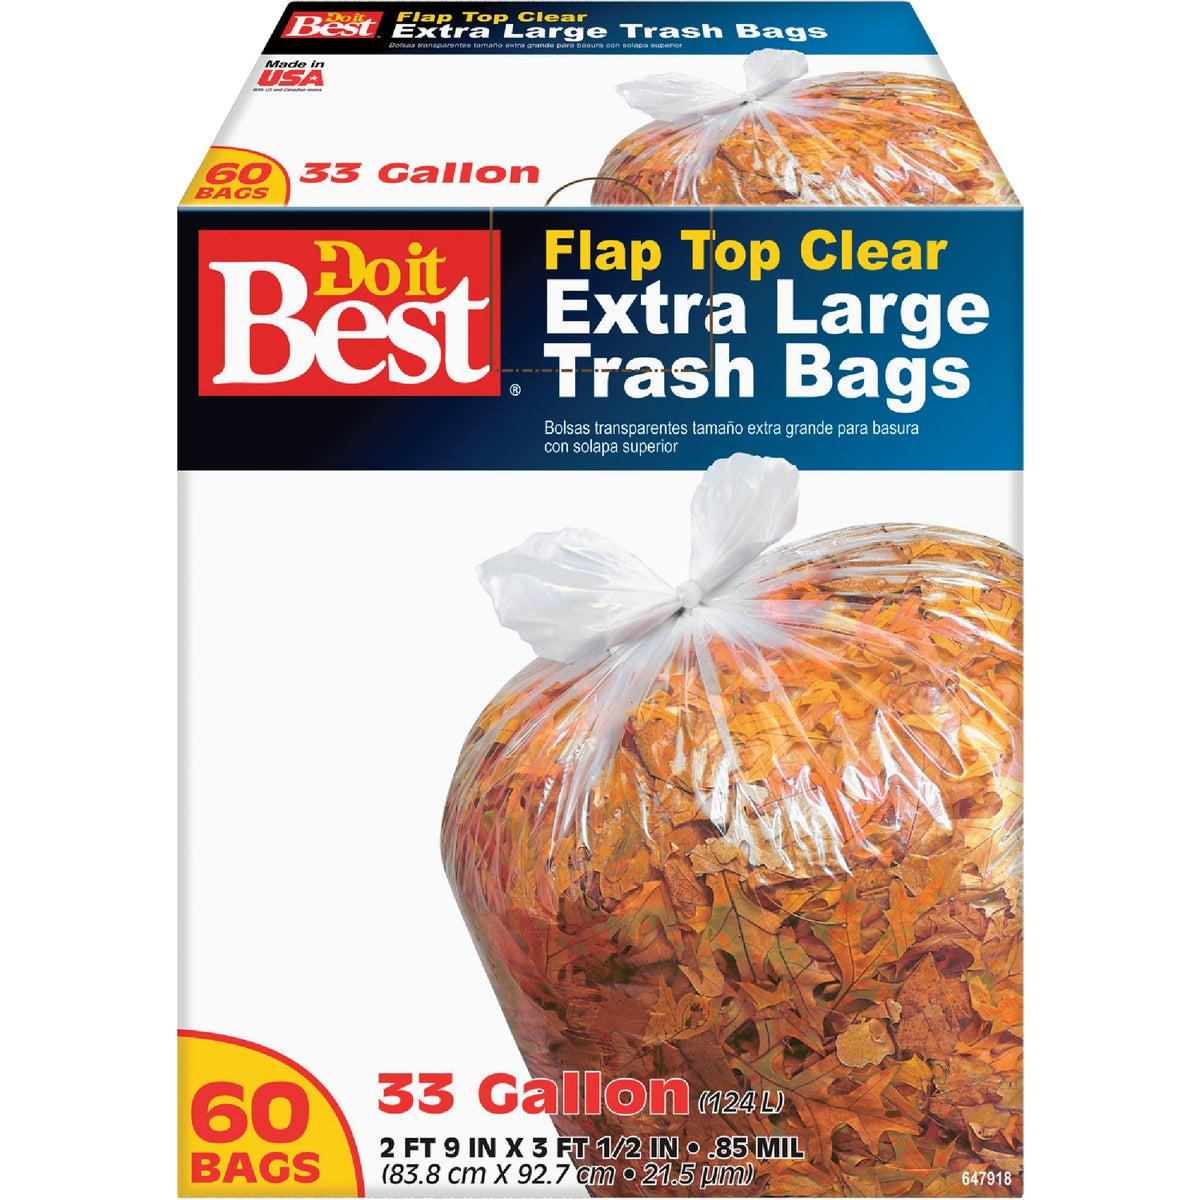 33GAL/60CT TRASH BAGS